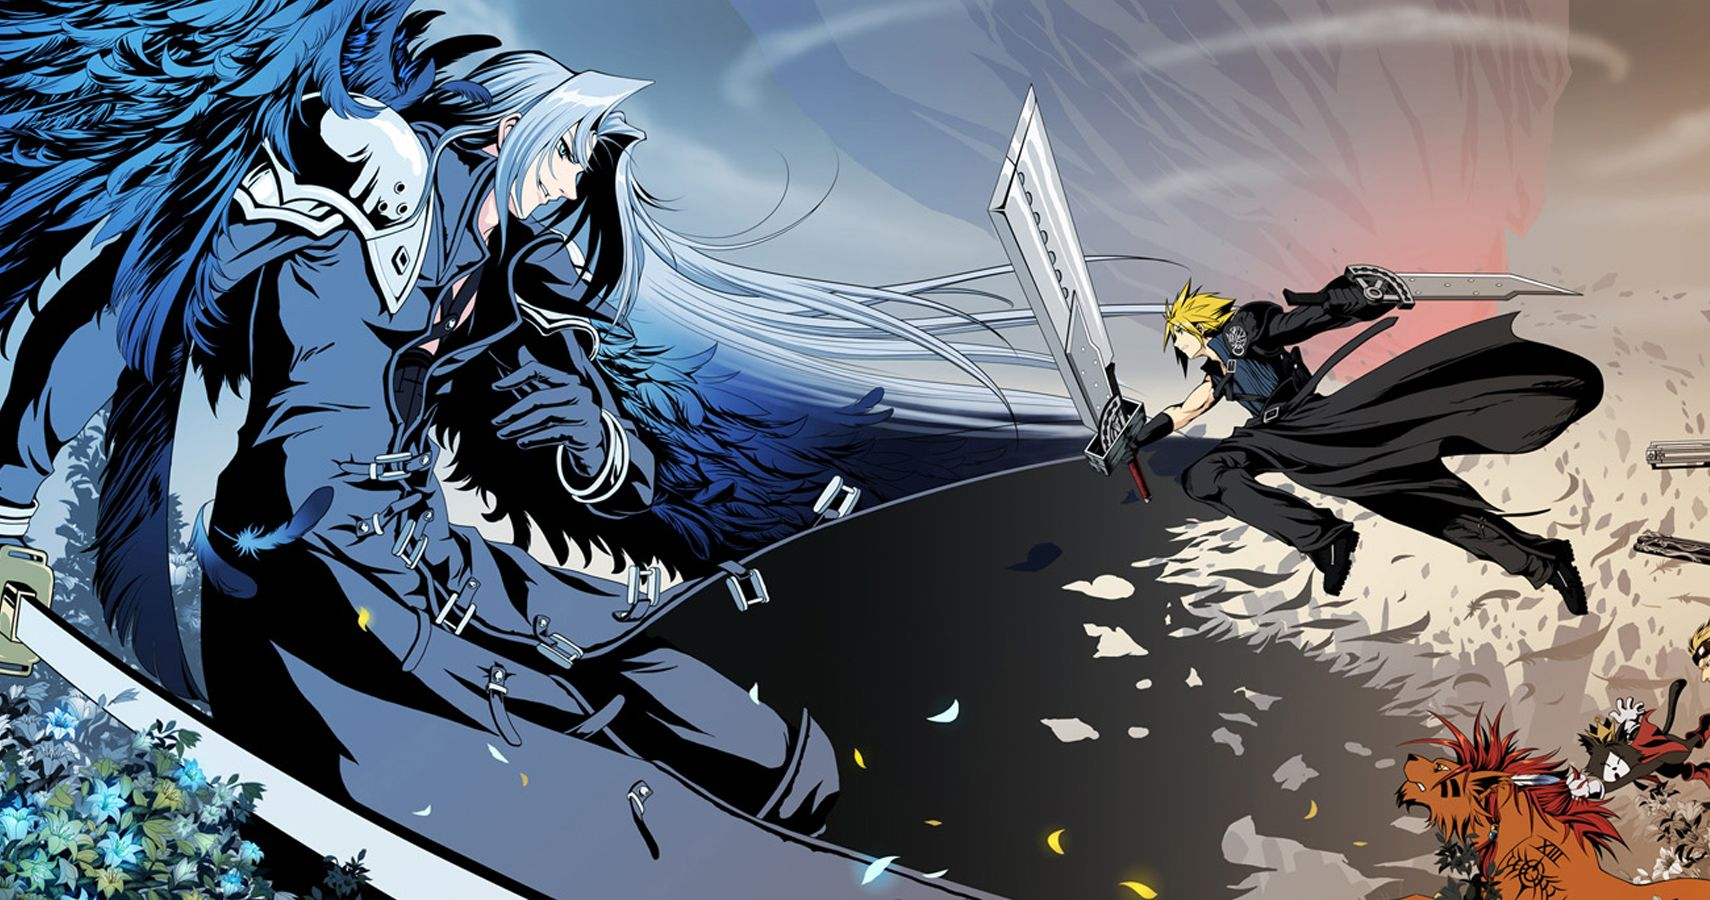 31 Hidden Details In Final Fantasy Games Real Fans